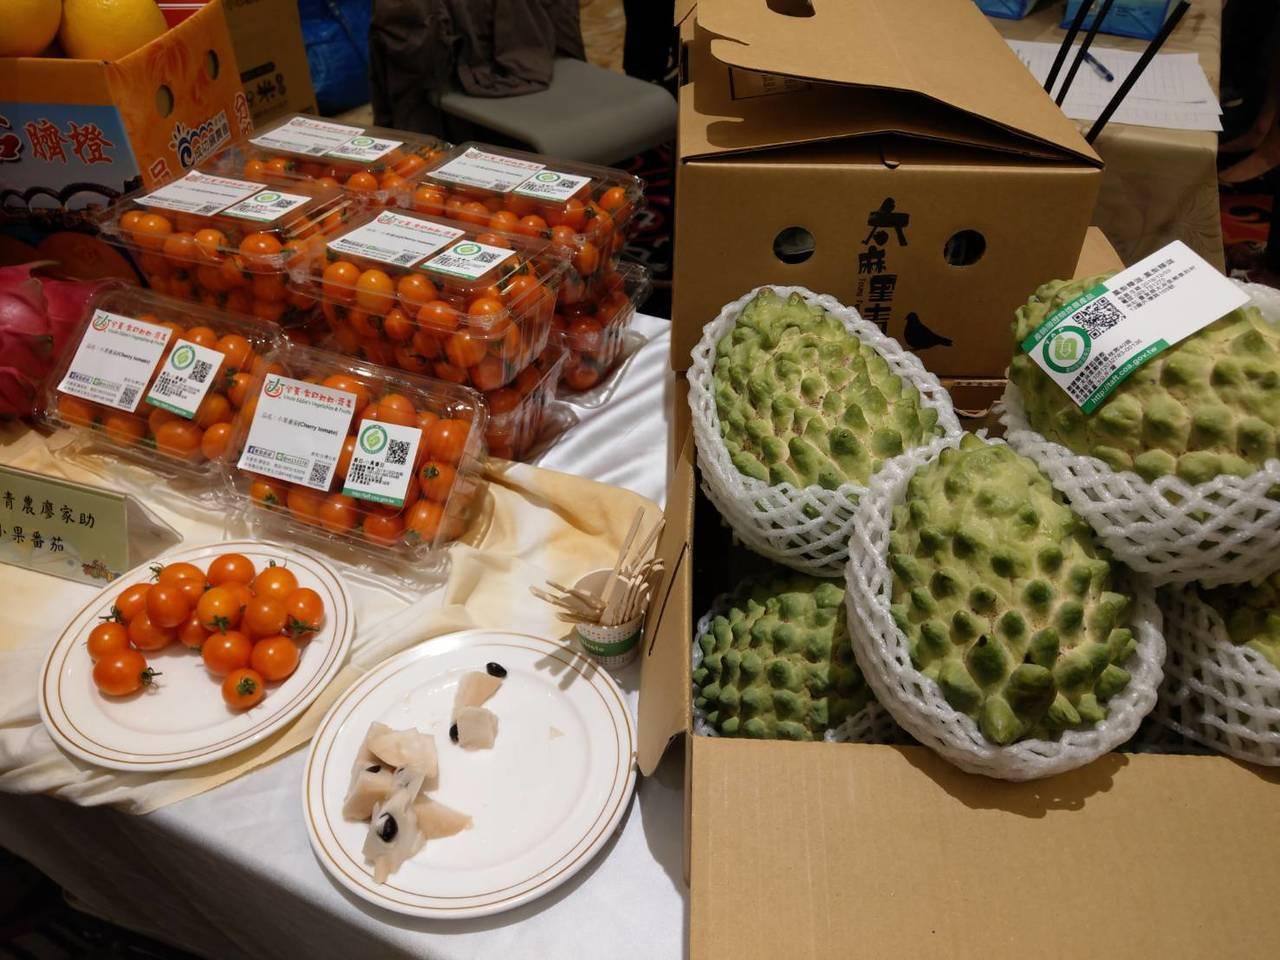 台東縣農會今天首度到高雄行銷台東、花蓮的農特產品。 記者謝梅芬/攝影